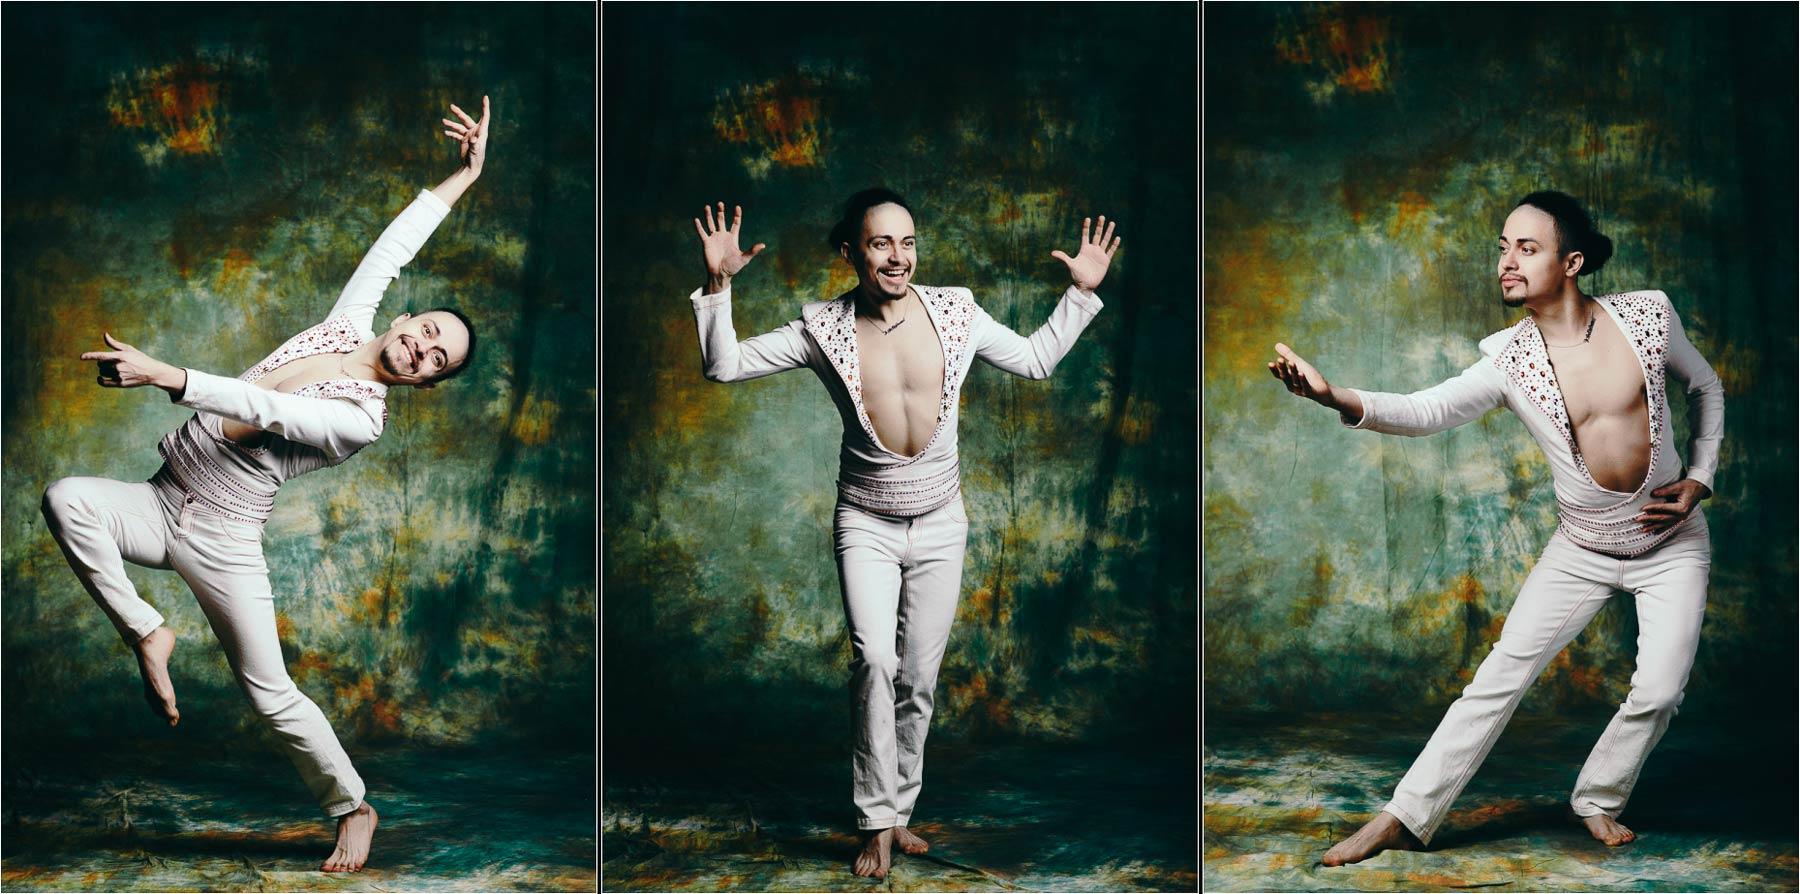 Портретное фото в Москве, портретное фото в Серпухове, портретное фото в Чехове, портретный фотограф Серпухов, портретный фотограф Москва, портретный фотограф Чехов